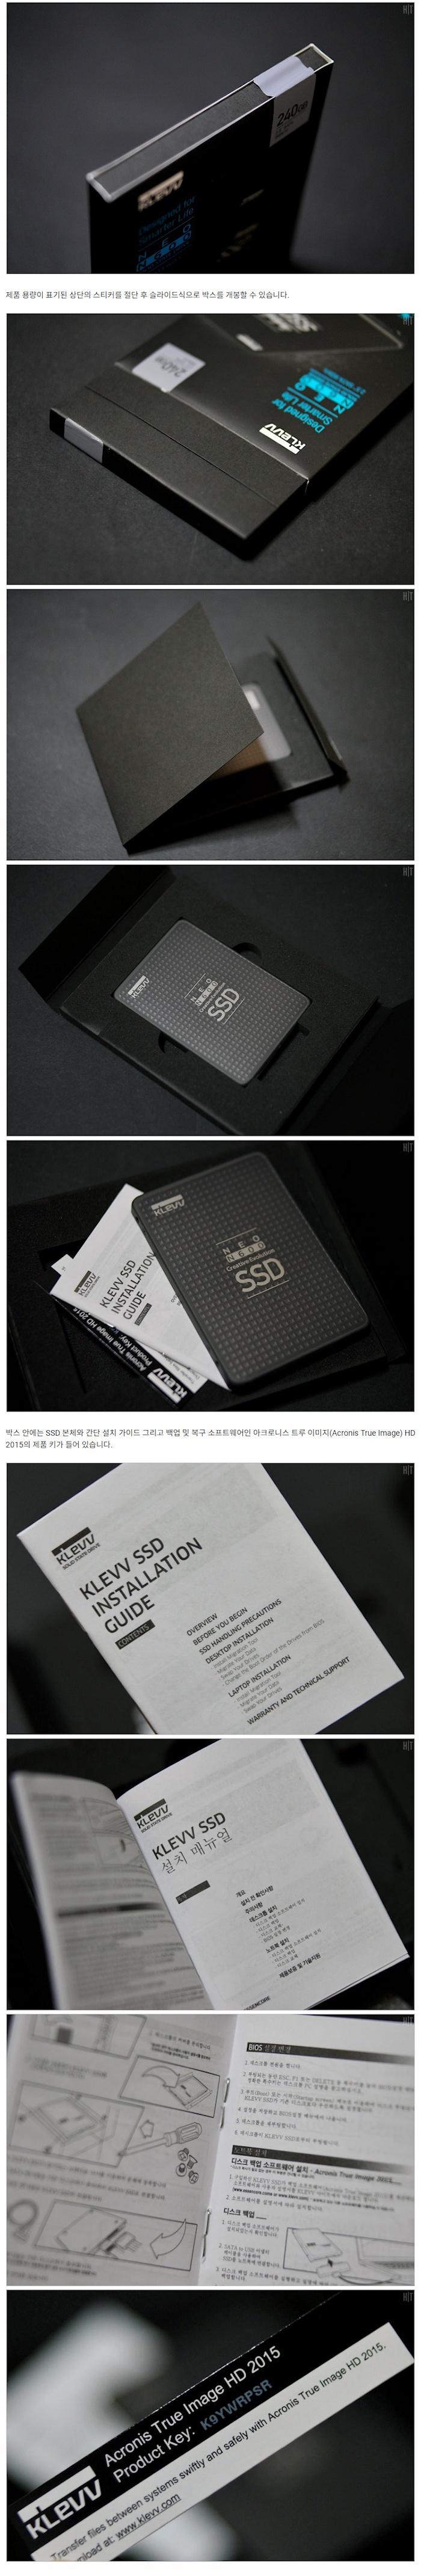 KLEVV_SSD_NEO_N600_3.jpg